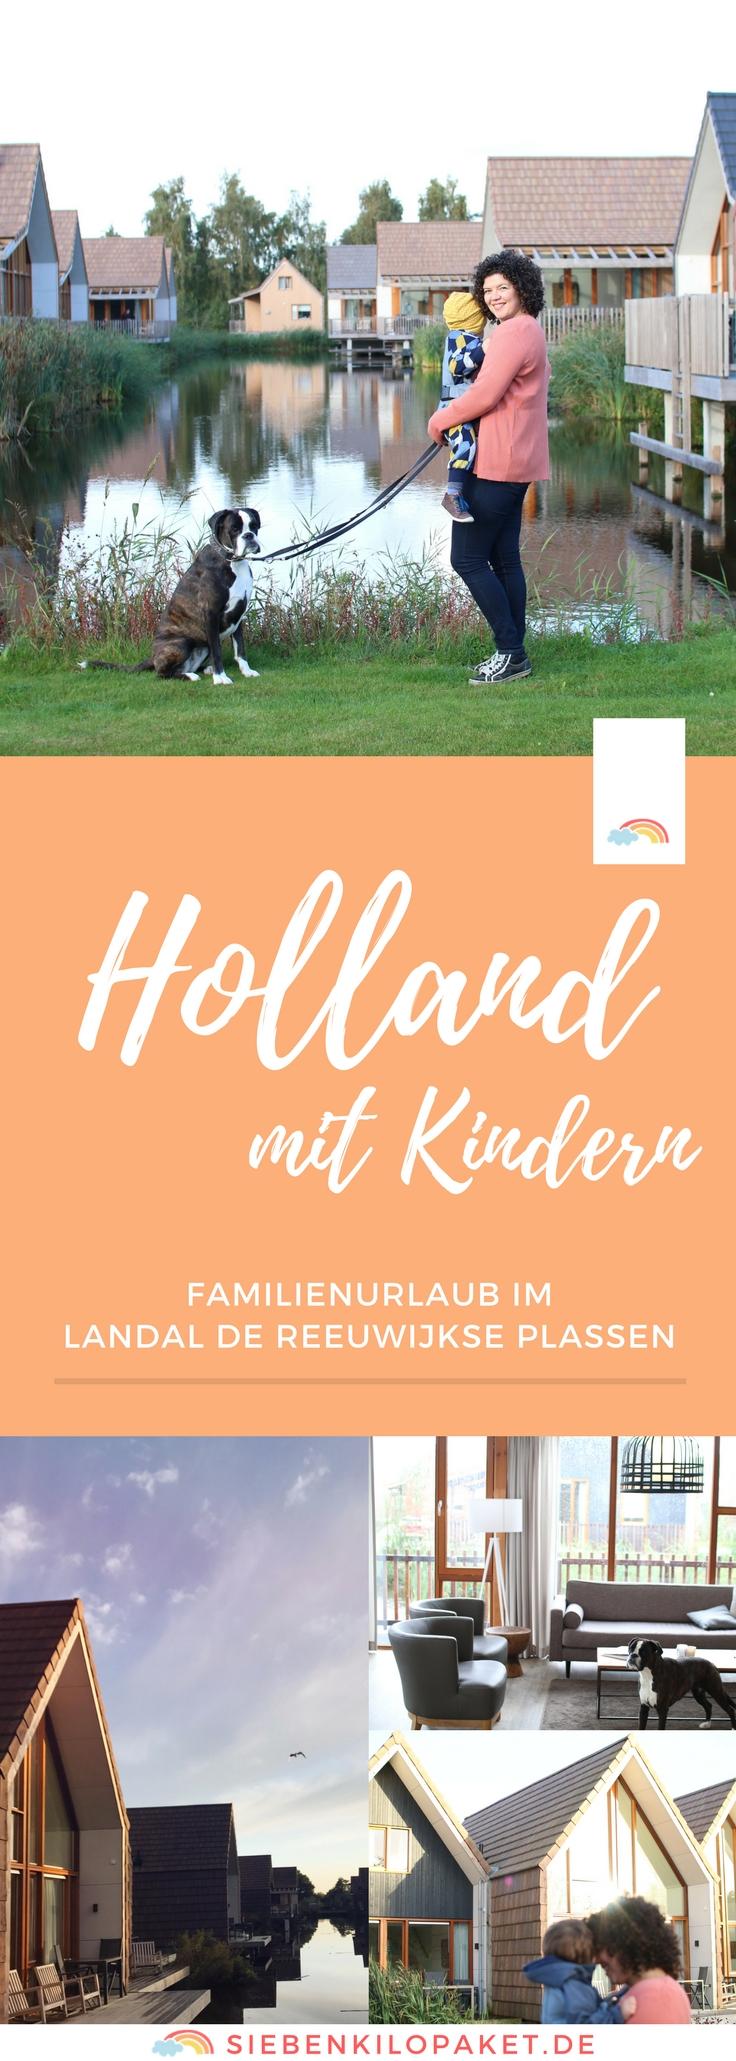 Landal De Reeuwijkse Plassen Familienurlaub Ferienpark Greenparks